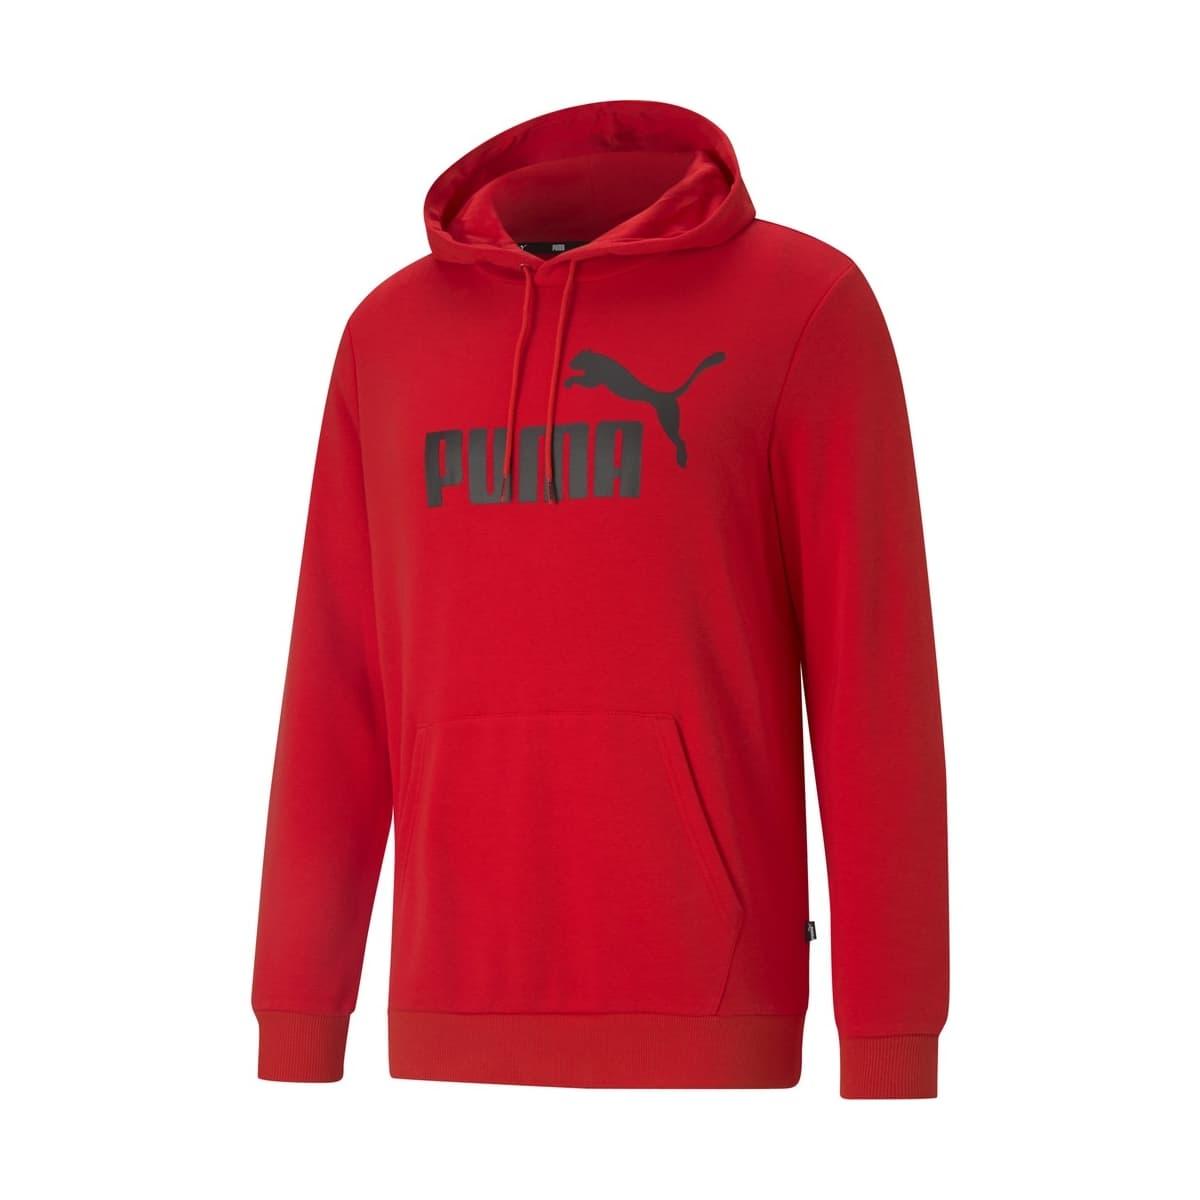 Essentials Big Logo Erkek Kırmızı Sweatshirt (586688-11)